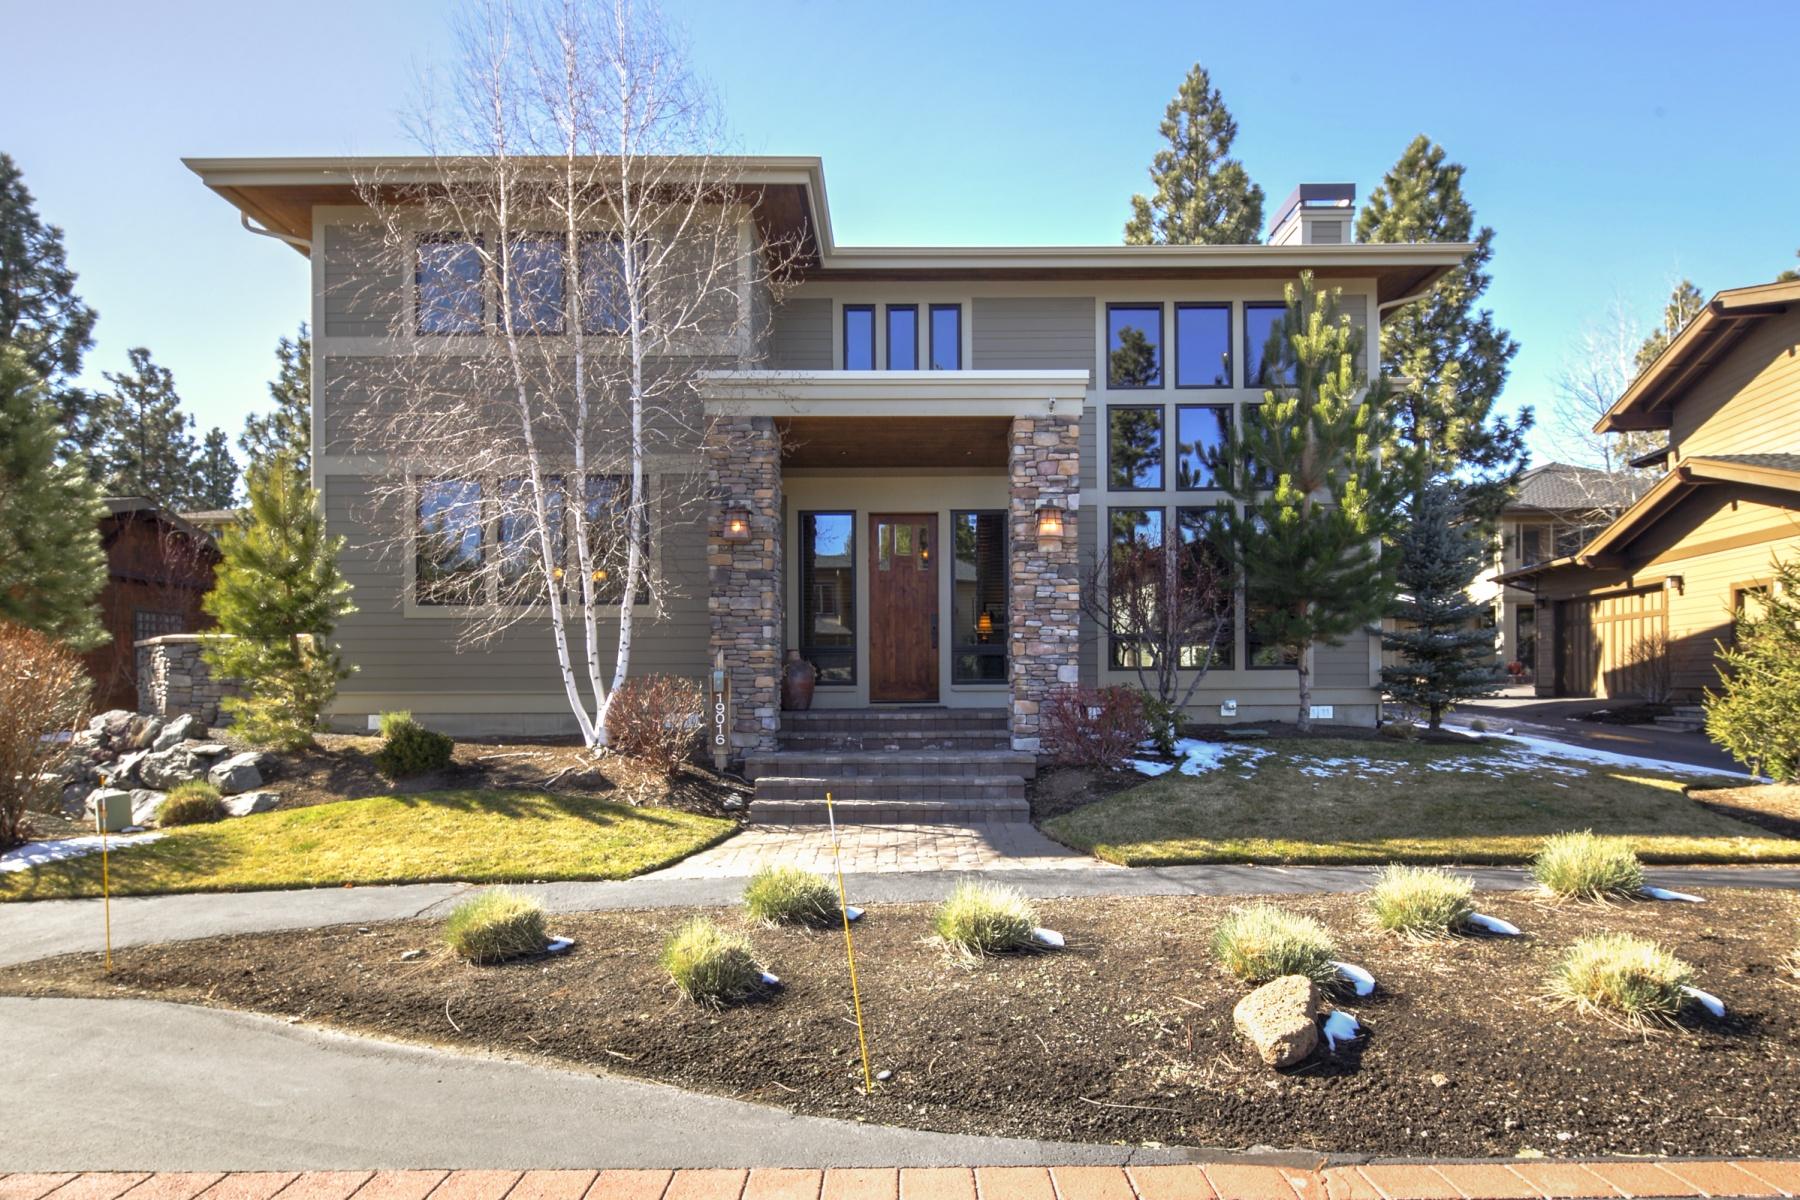 Casa para uma família para Venda às Three Pines 19016 Mt Shasta Dr Bend, Oregon 97701 Estados Unidos